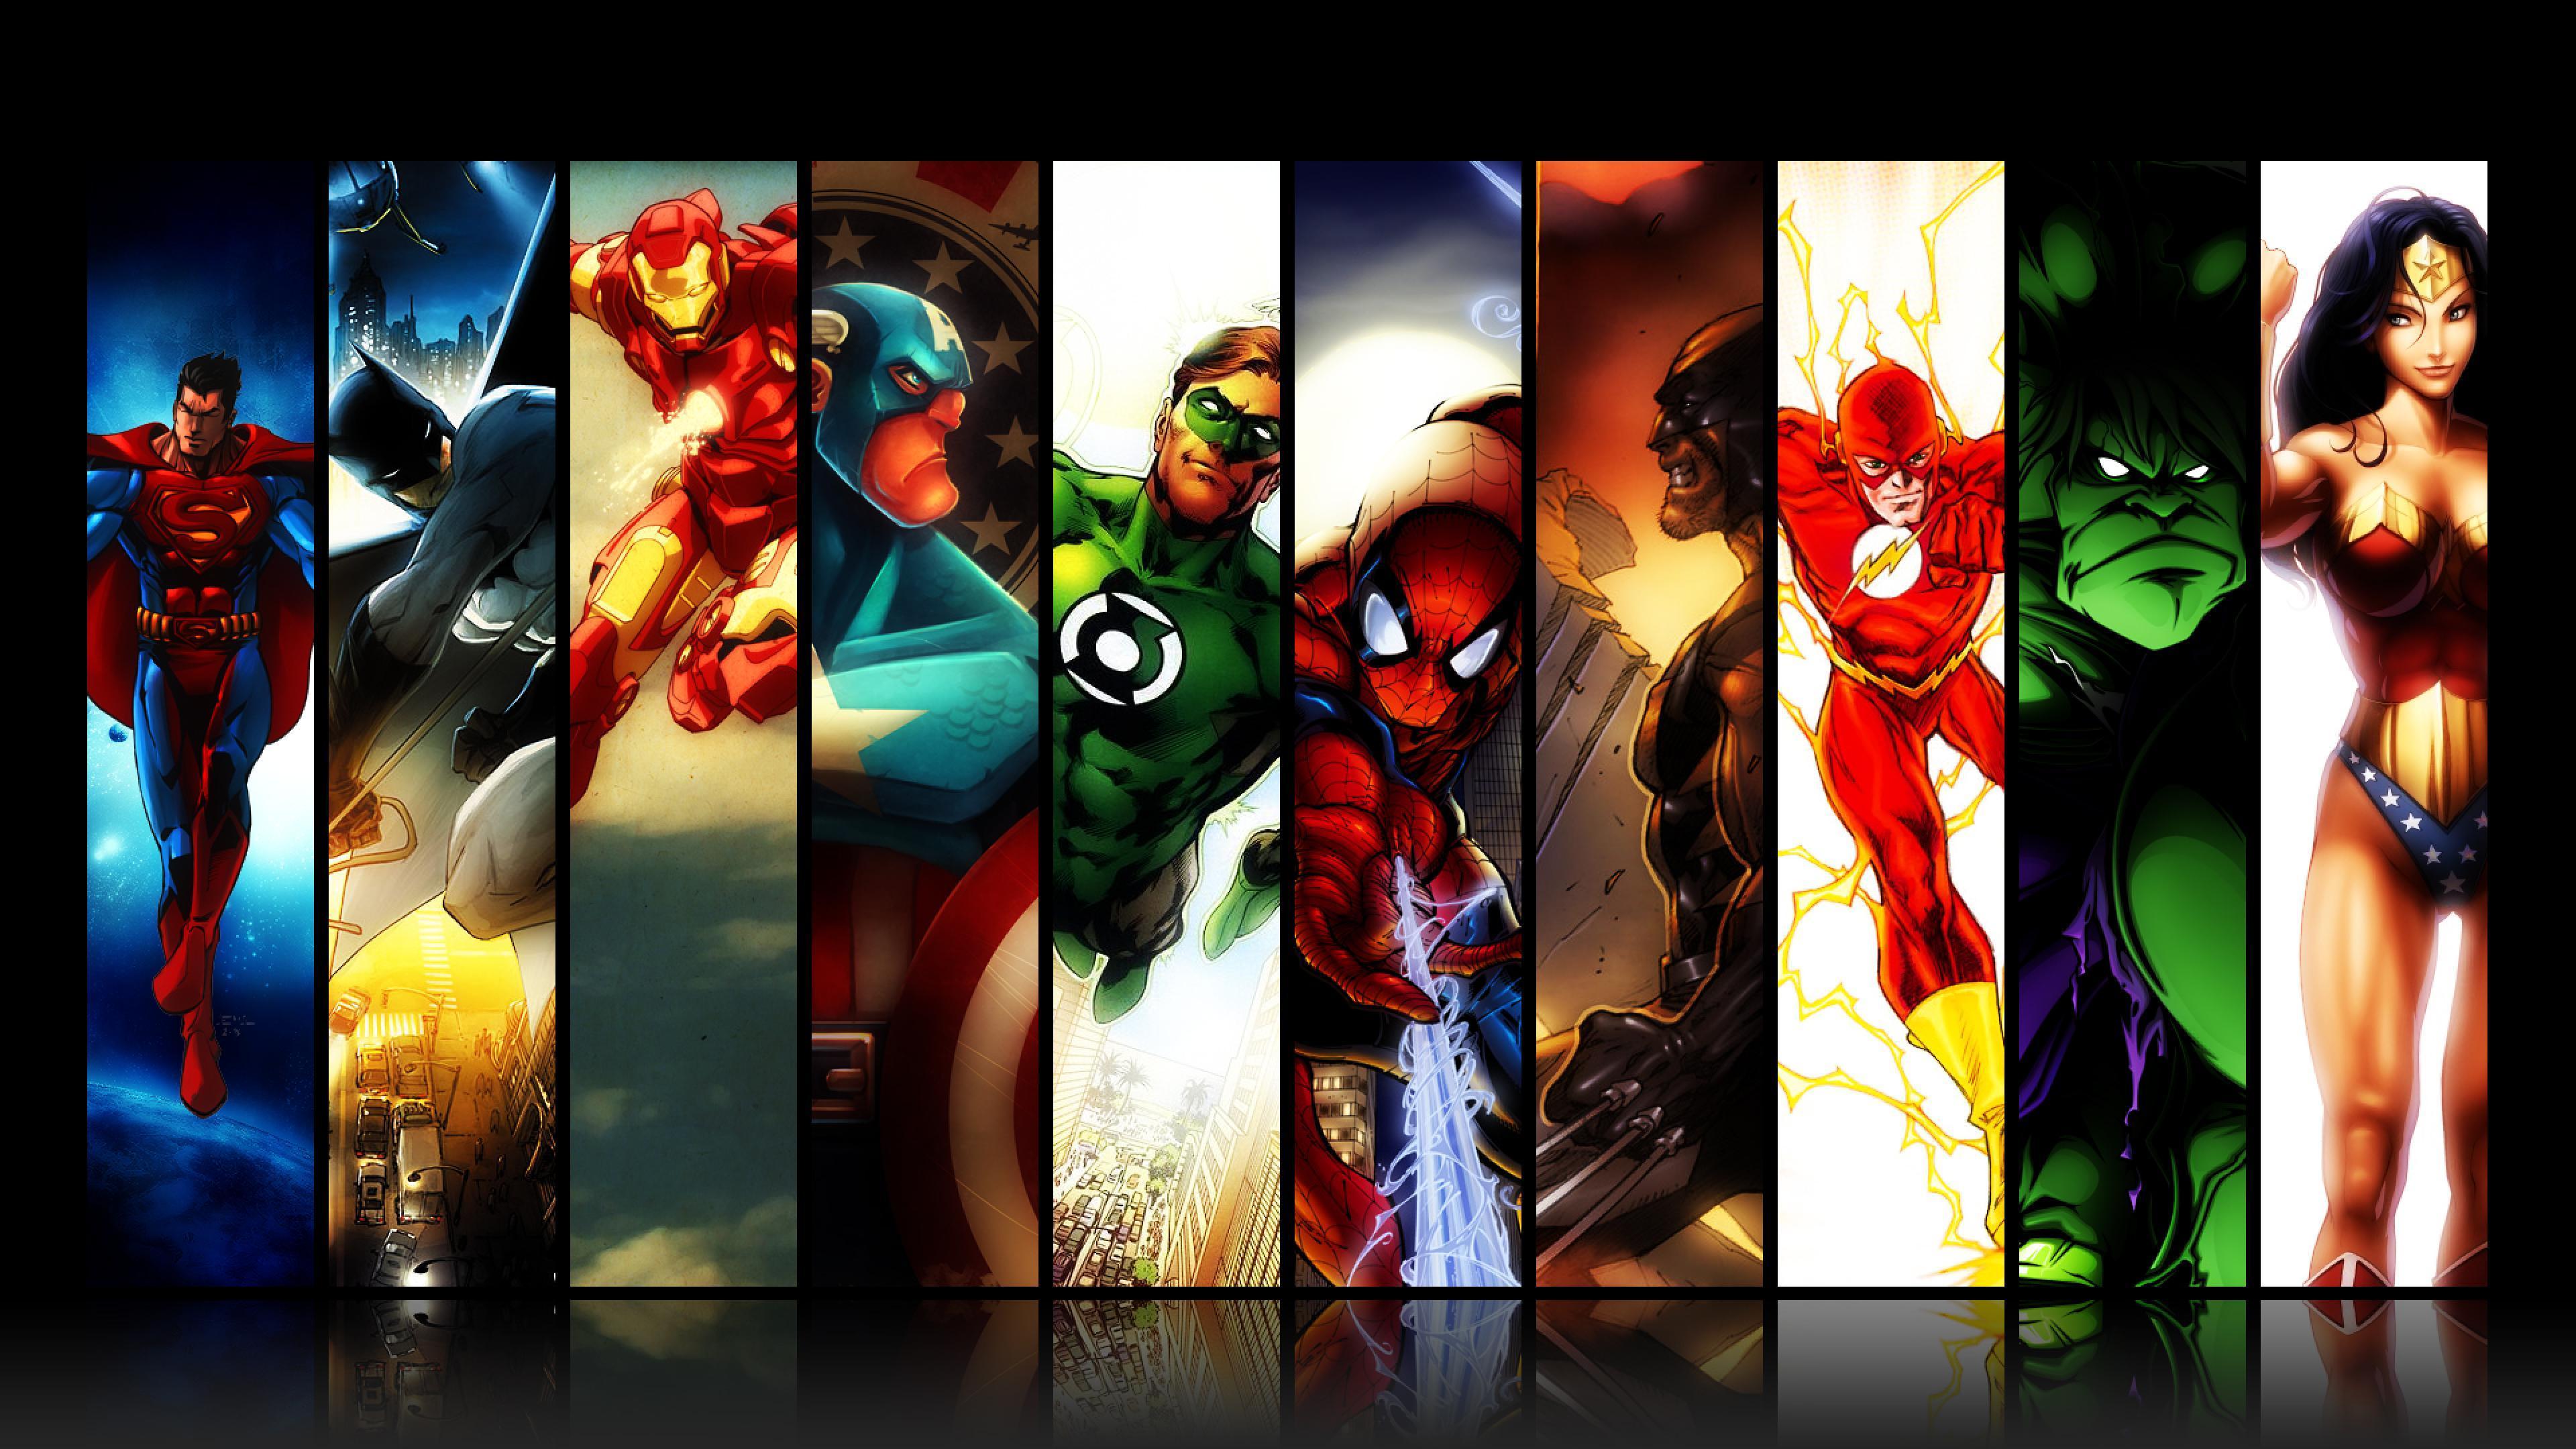 3840x2160 Độ phân giải HD Hình nền Marvel miễn phí